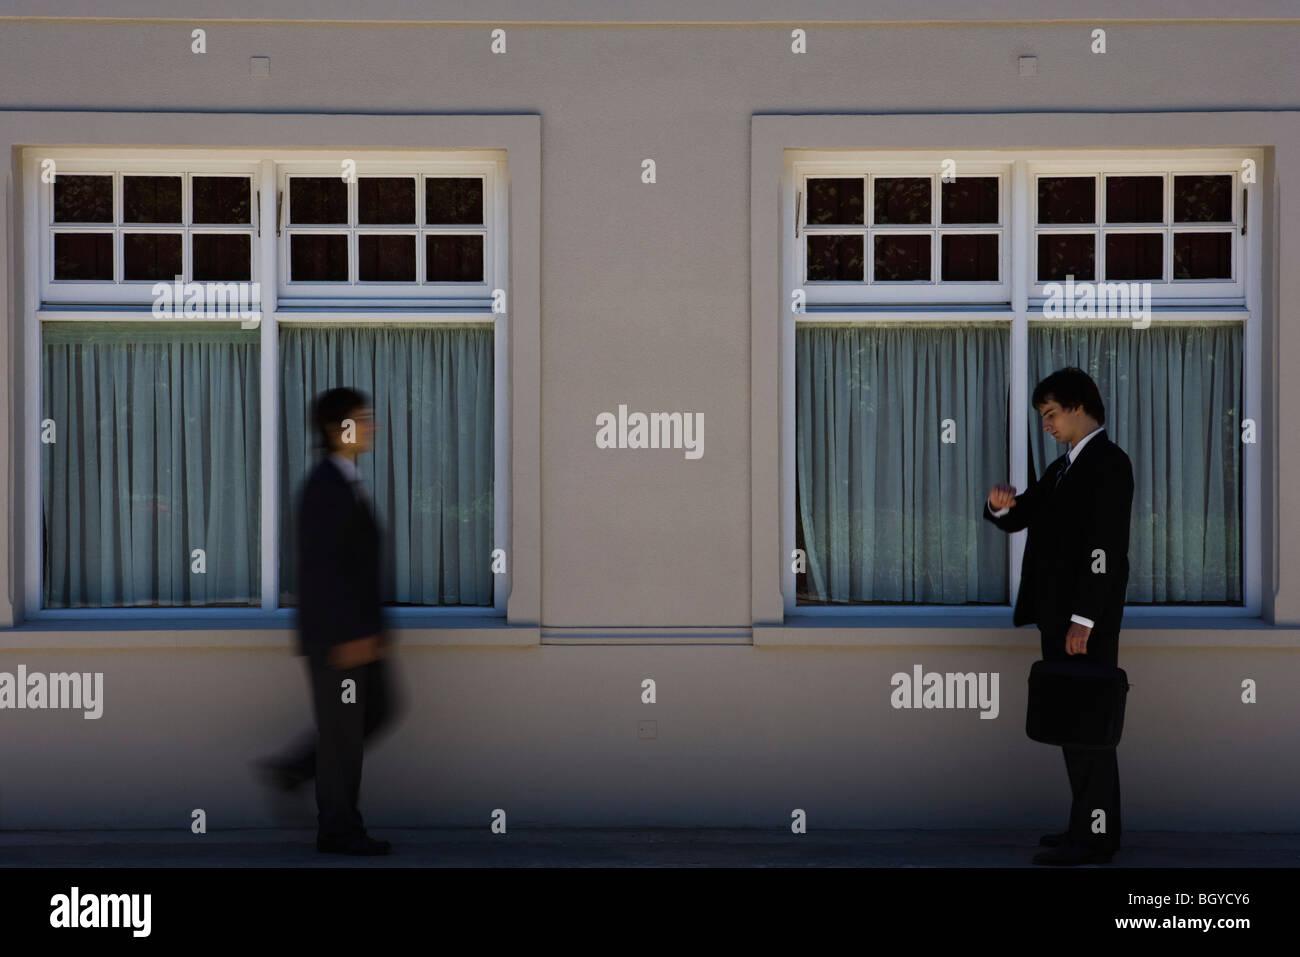 Junger Geschäftsmann auf Bürgersteig stehen, zeitgleich mit einem anderen Mann Ansätze prüfen Stockbild